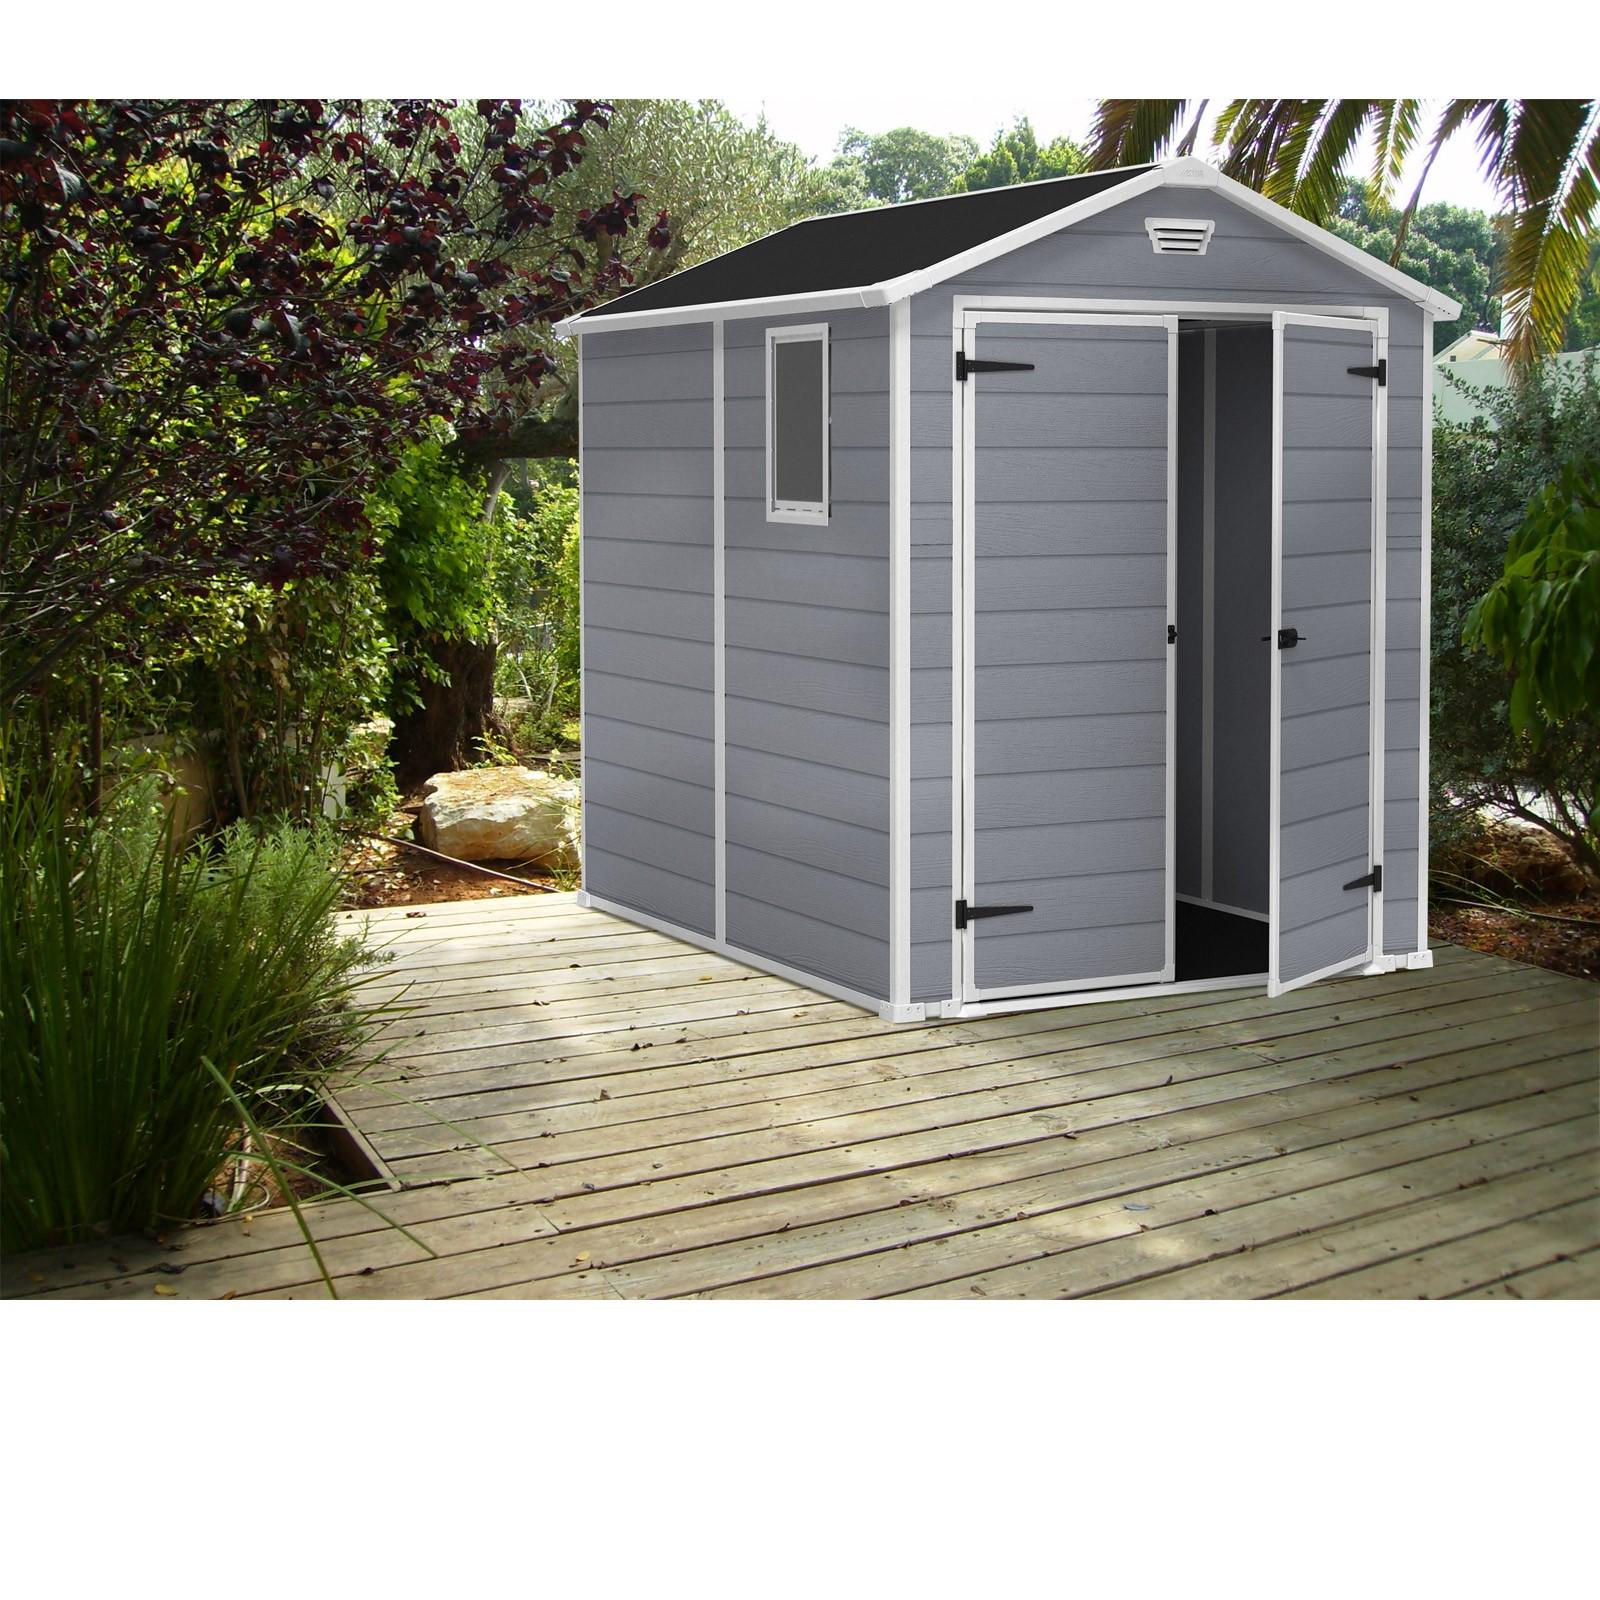 keter ger tehaus gartenhaus kunststoff manor 6x8. Black Bedroom Furniture Sets. Home Design Ideas